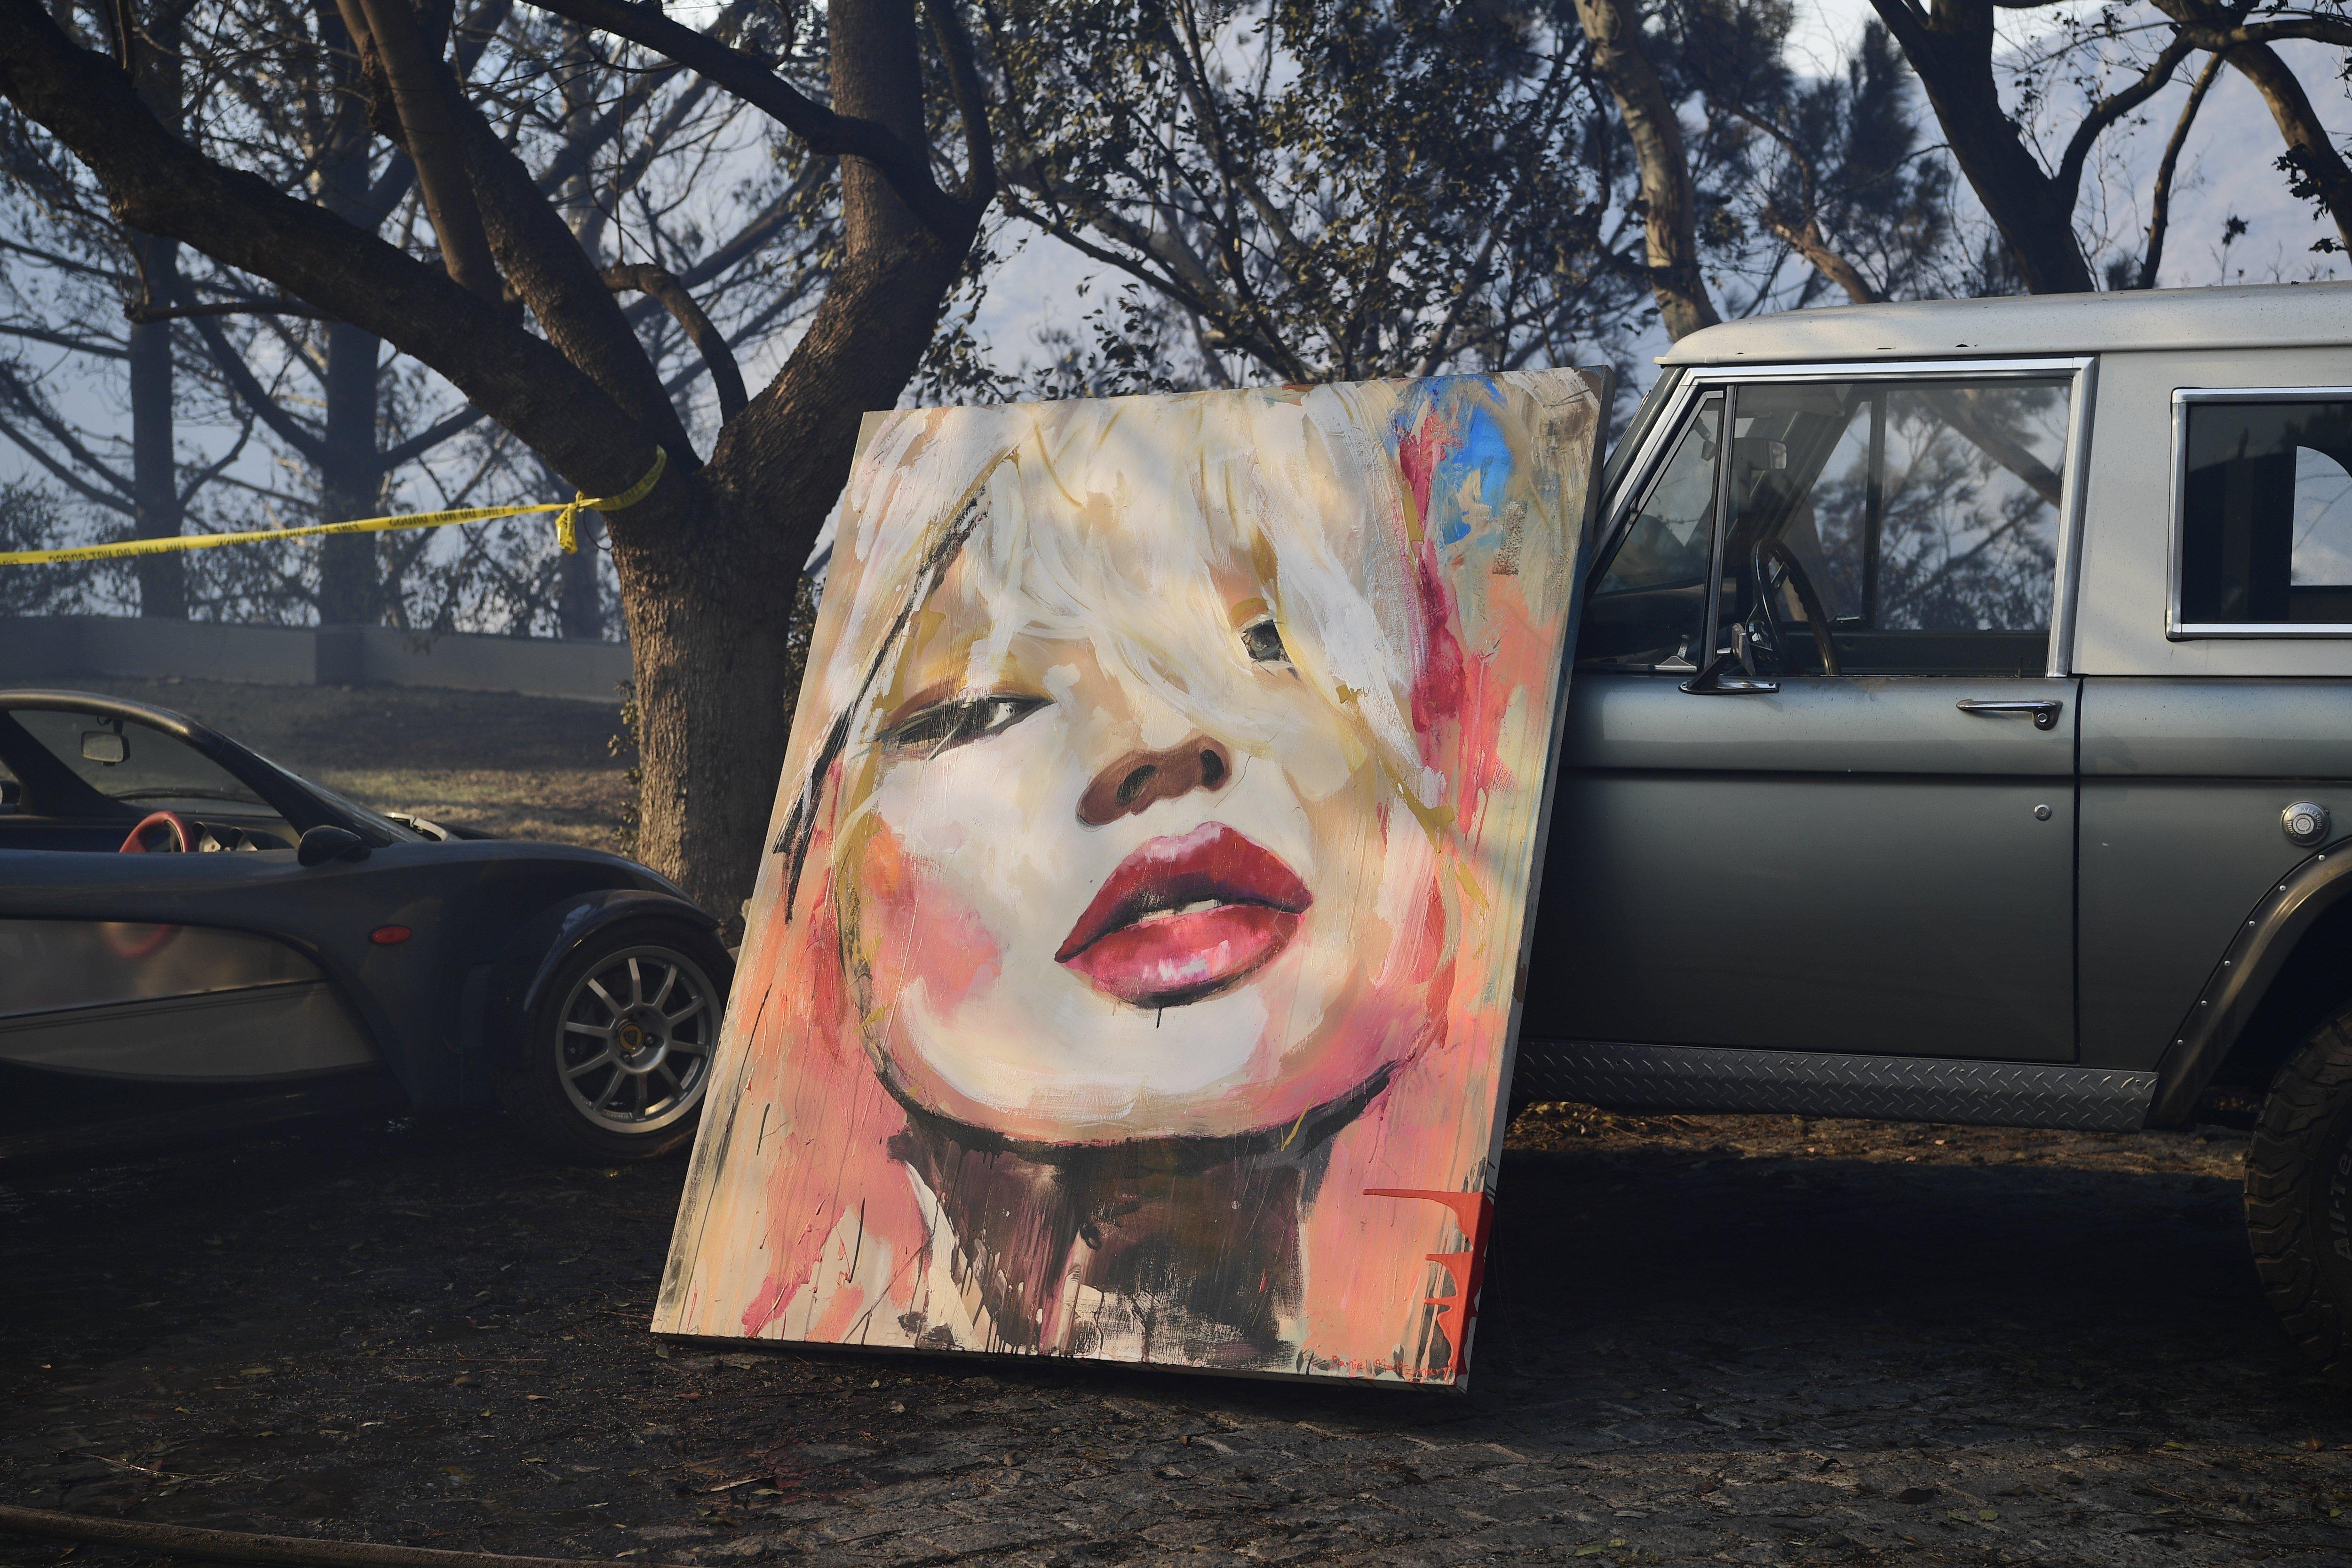 Bombers rescaten una pintura d'un incendi a Bel Air, Califòrnia (EUA). /JOHN CETRINO